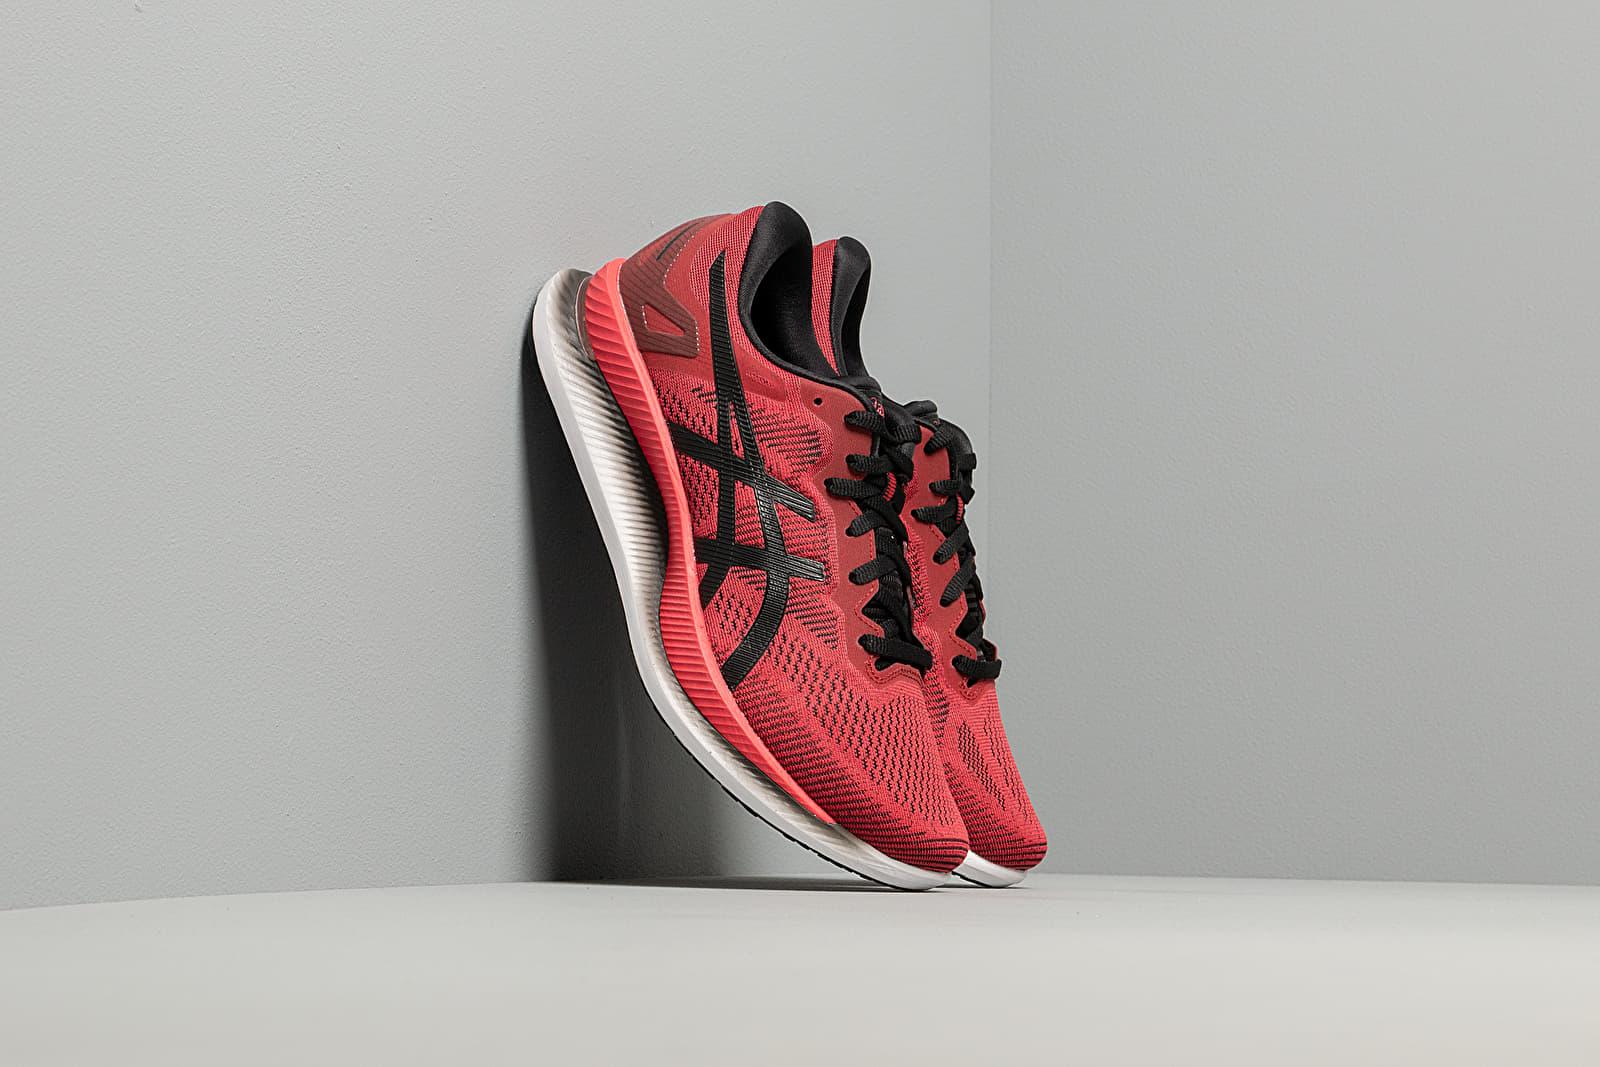 Pánské tenisky a boty Asics GlideRide Speed Red/ Black